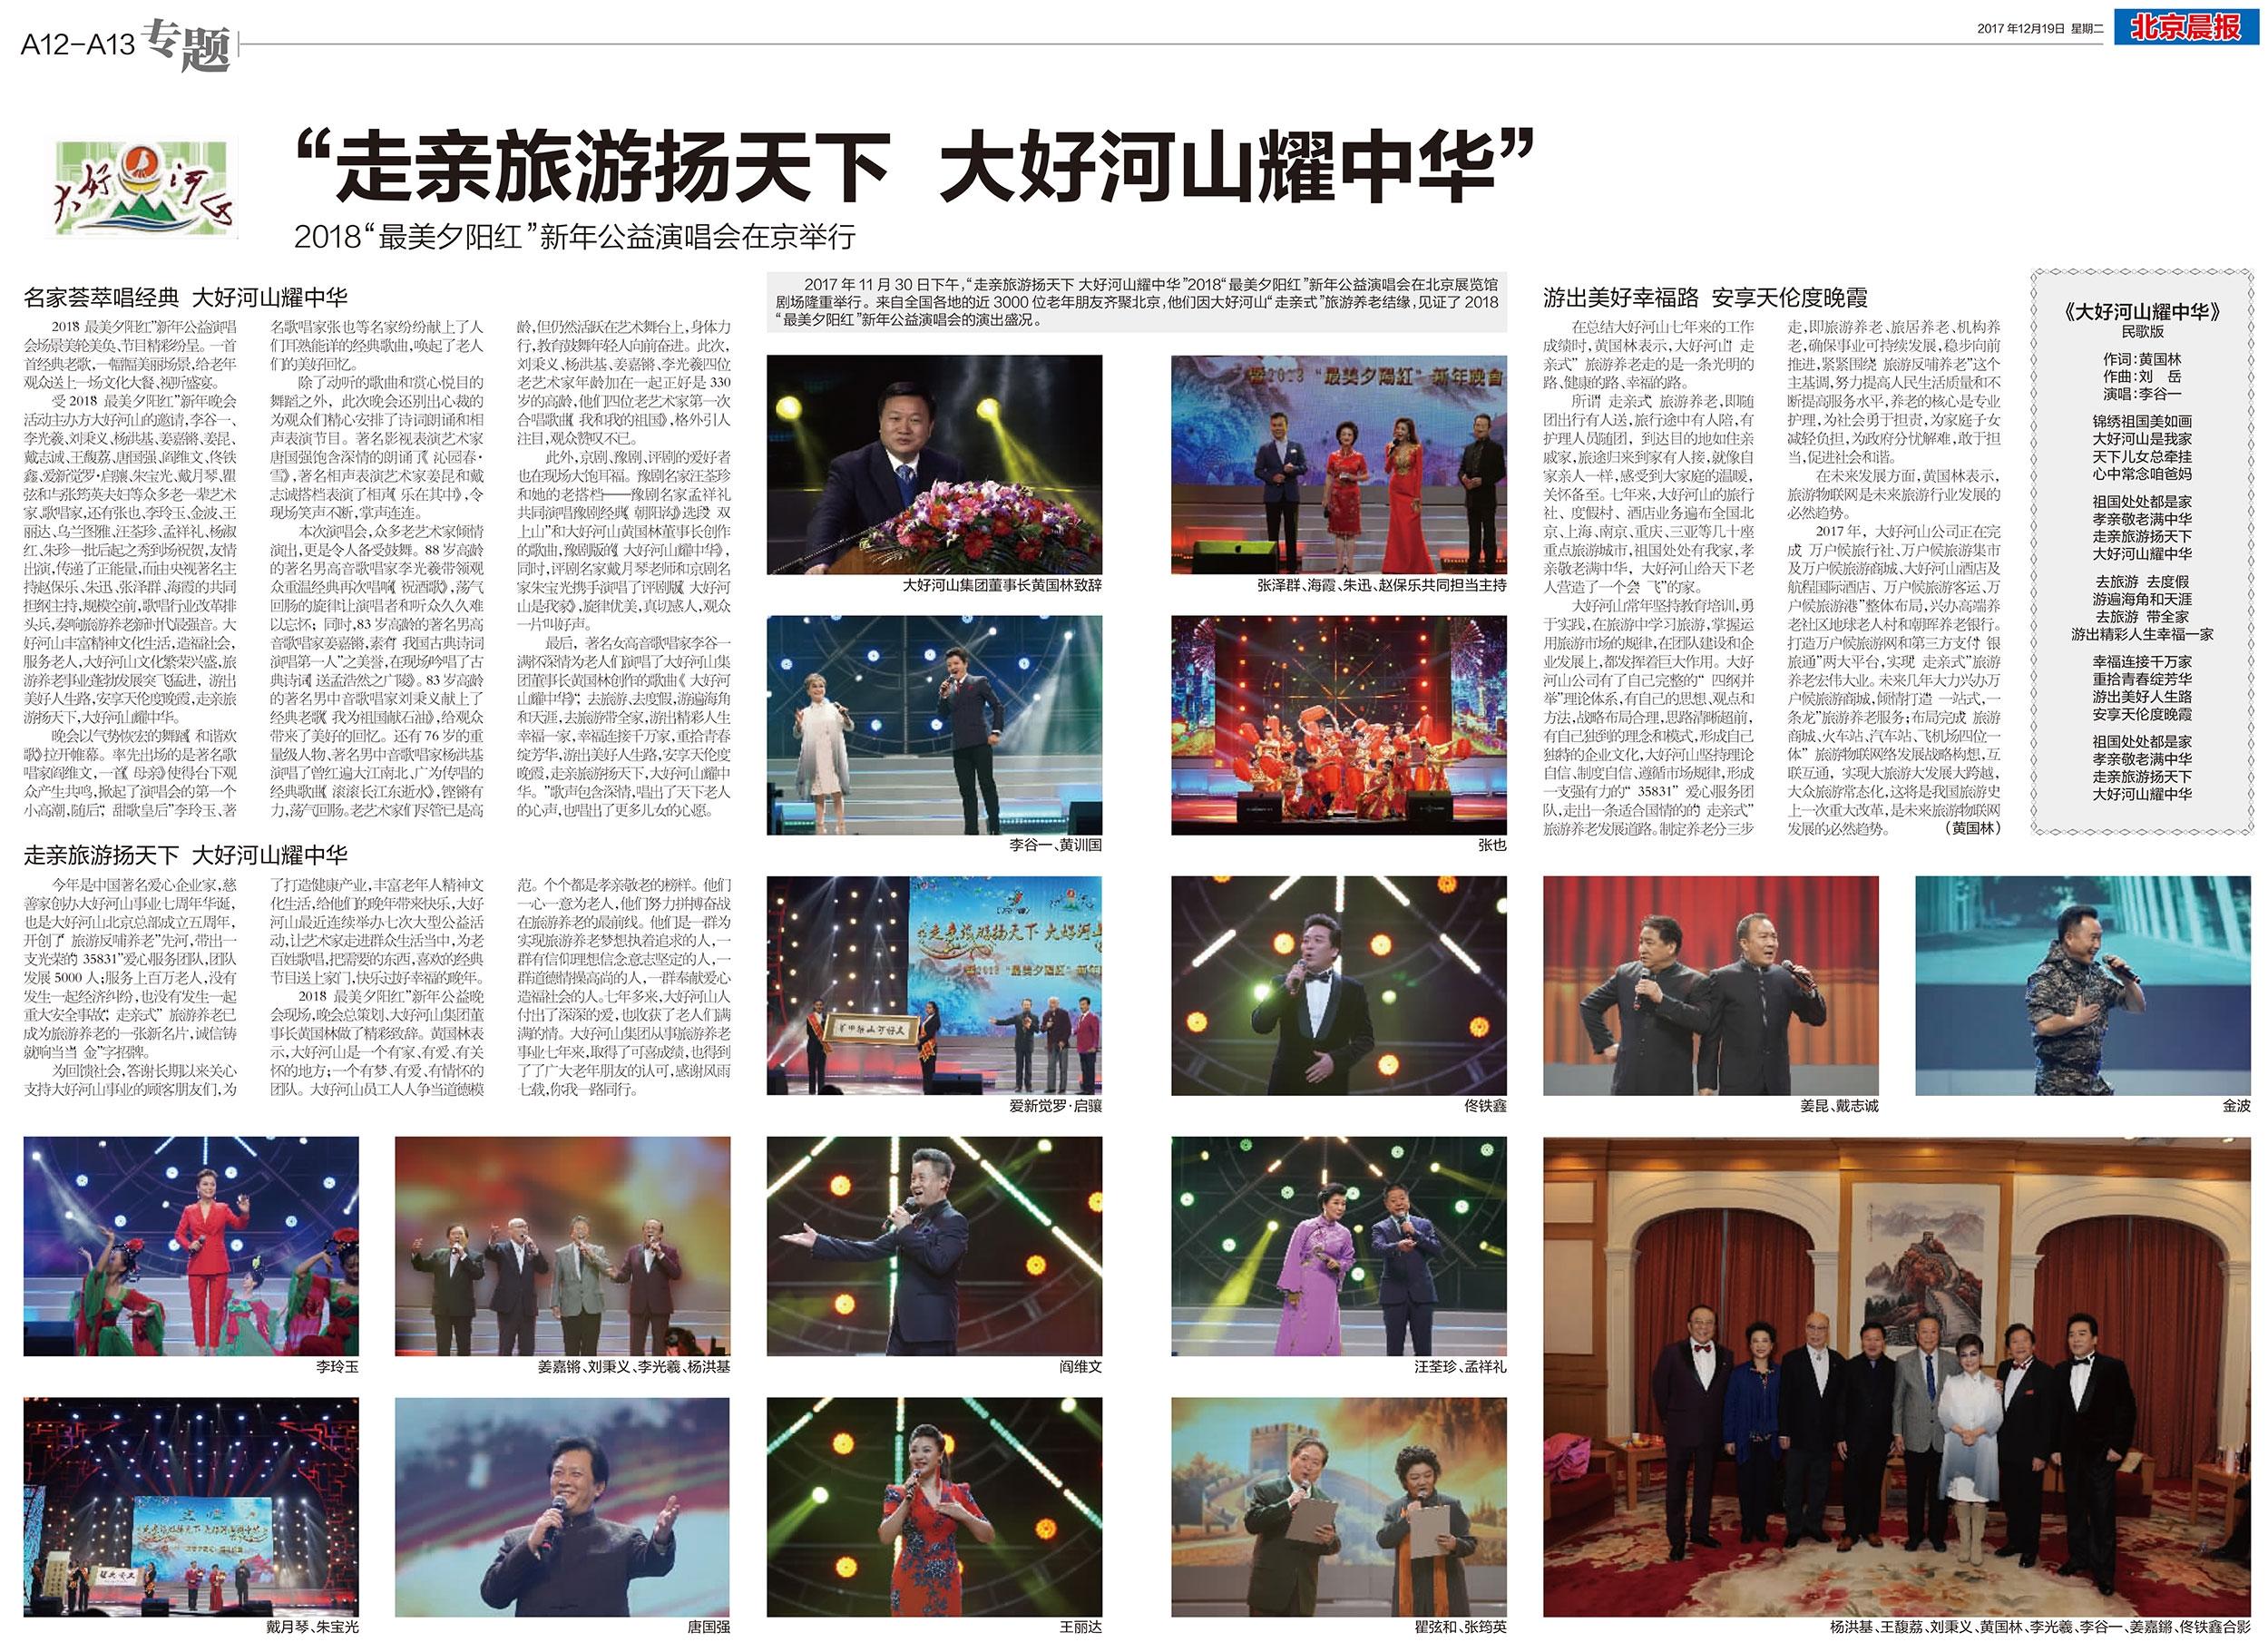 北京晨报 2017-12-19 A12-13